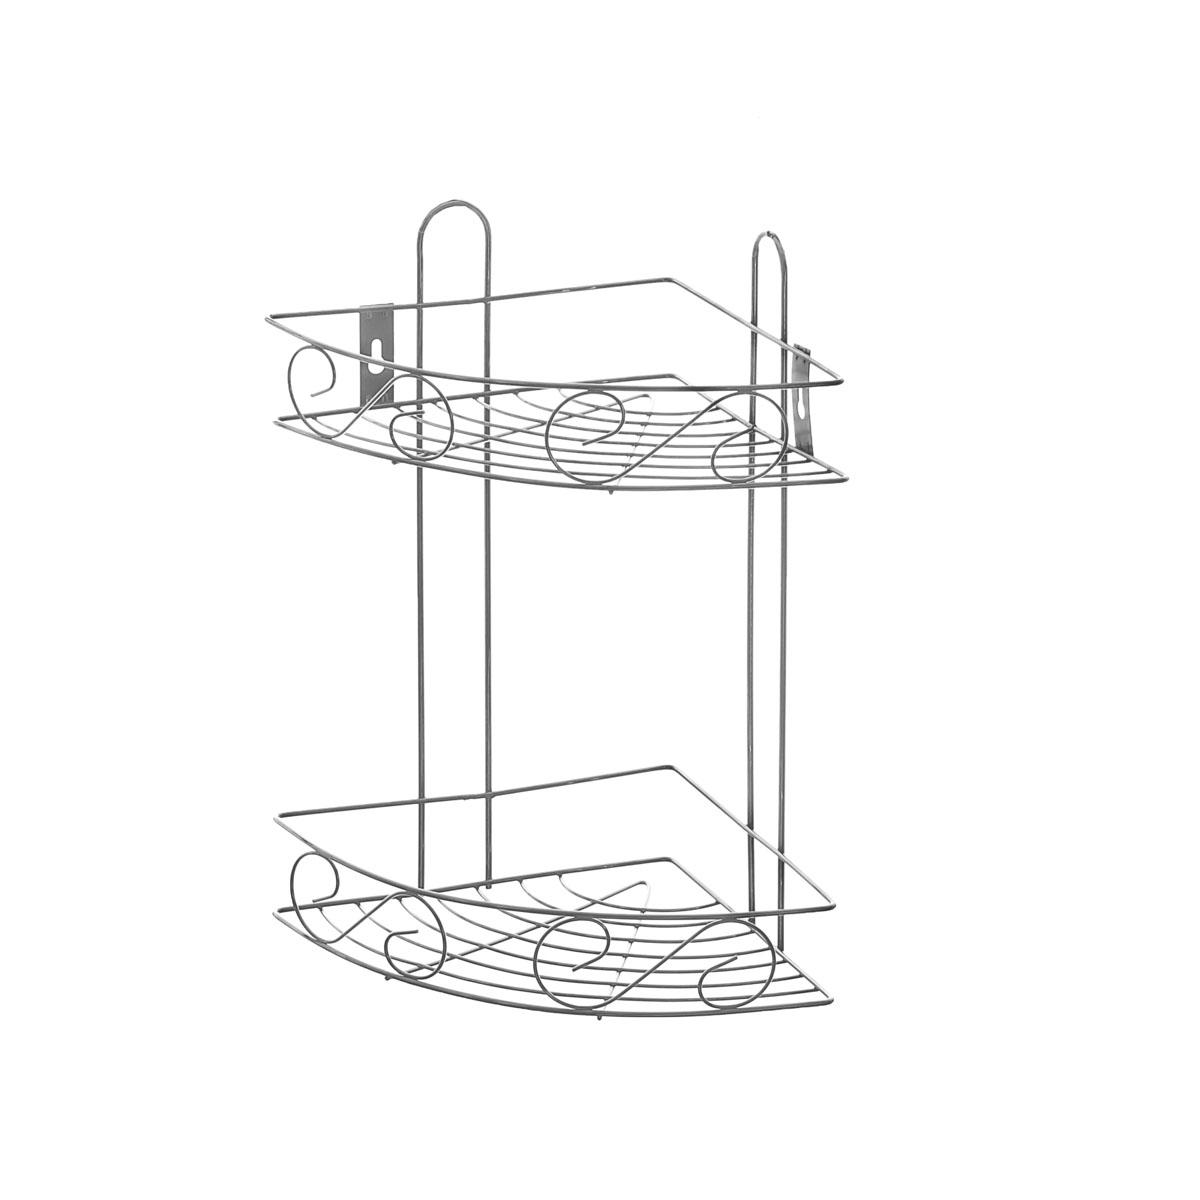 Полка угловая Доляна, 2-х ярусная, высота 34 см647835Полка Доляна выполнена из высококачественного металла и предназначена для хранения вещей в ванной комнате. Полка угловая и состоит из 2-х ярусов одинакового размера с бортиком по краю. Она пригодится для хранения различных предметов, которые всегда будут под рукой. Благодаря компактным размерам полка впишется в интерьер вашего дома и позволит вам удобно и практично хранить предметы домашнего обихода. Удобная и практичная металлическая полочка станет незаменимым аксессуаром в вашем хозяйстве. Высота полки: 34 см. Размер яруса: 20,5 см х 20,5 см. Расстояние между ярусами: 24 см.